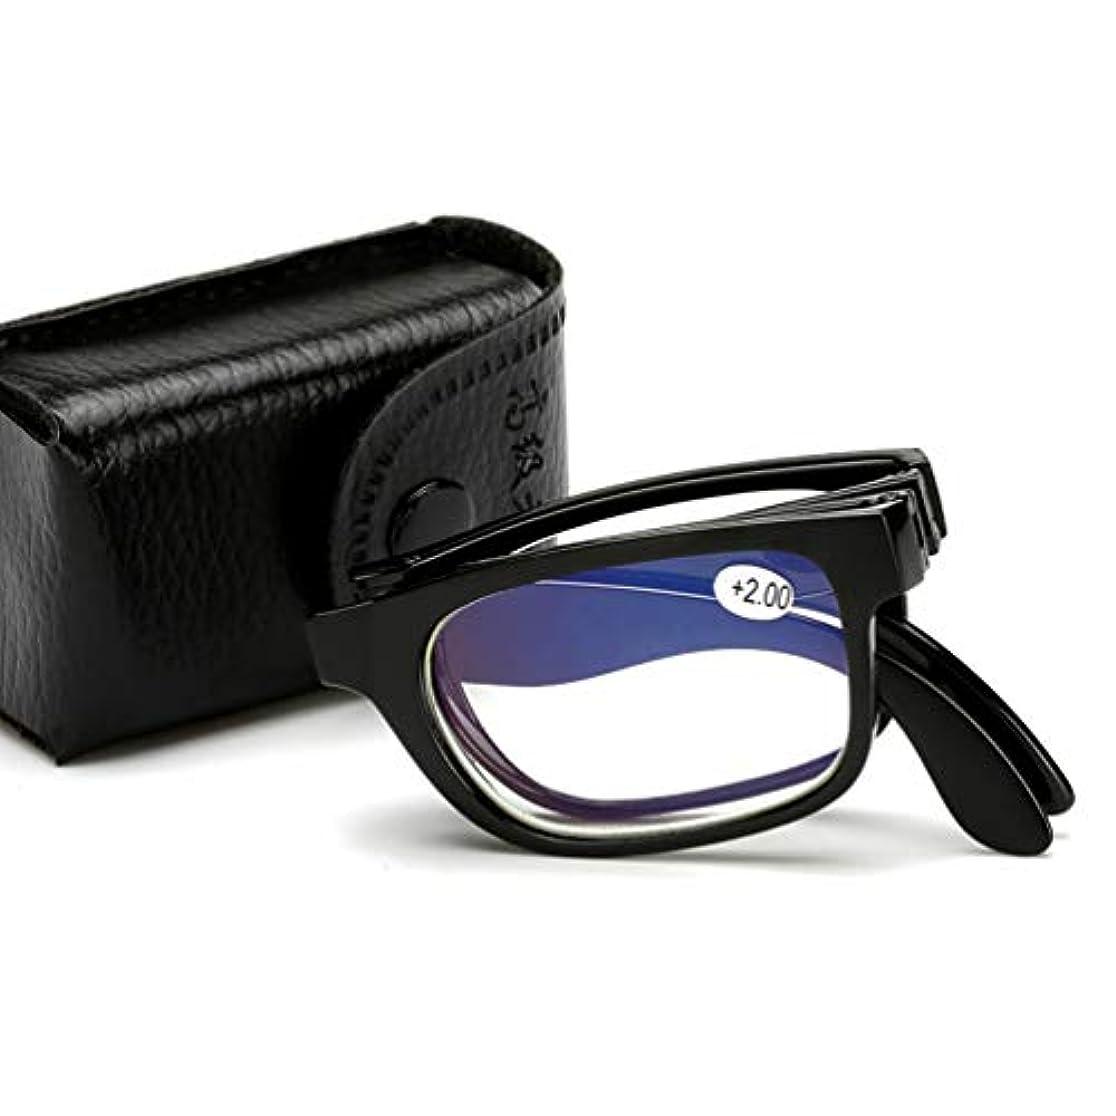 (ライチ) Lychee 老眼鏡 おしゃれ シンプル 使いやすい 携帯用 折りたたみ 見やすく楽に掛けられる ブラック (+4.0)